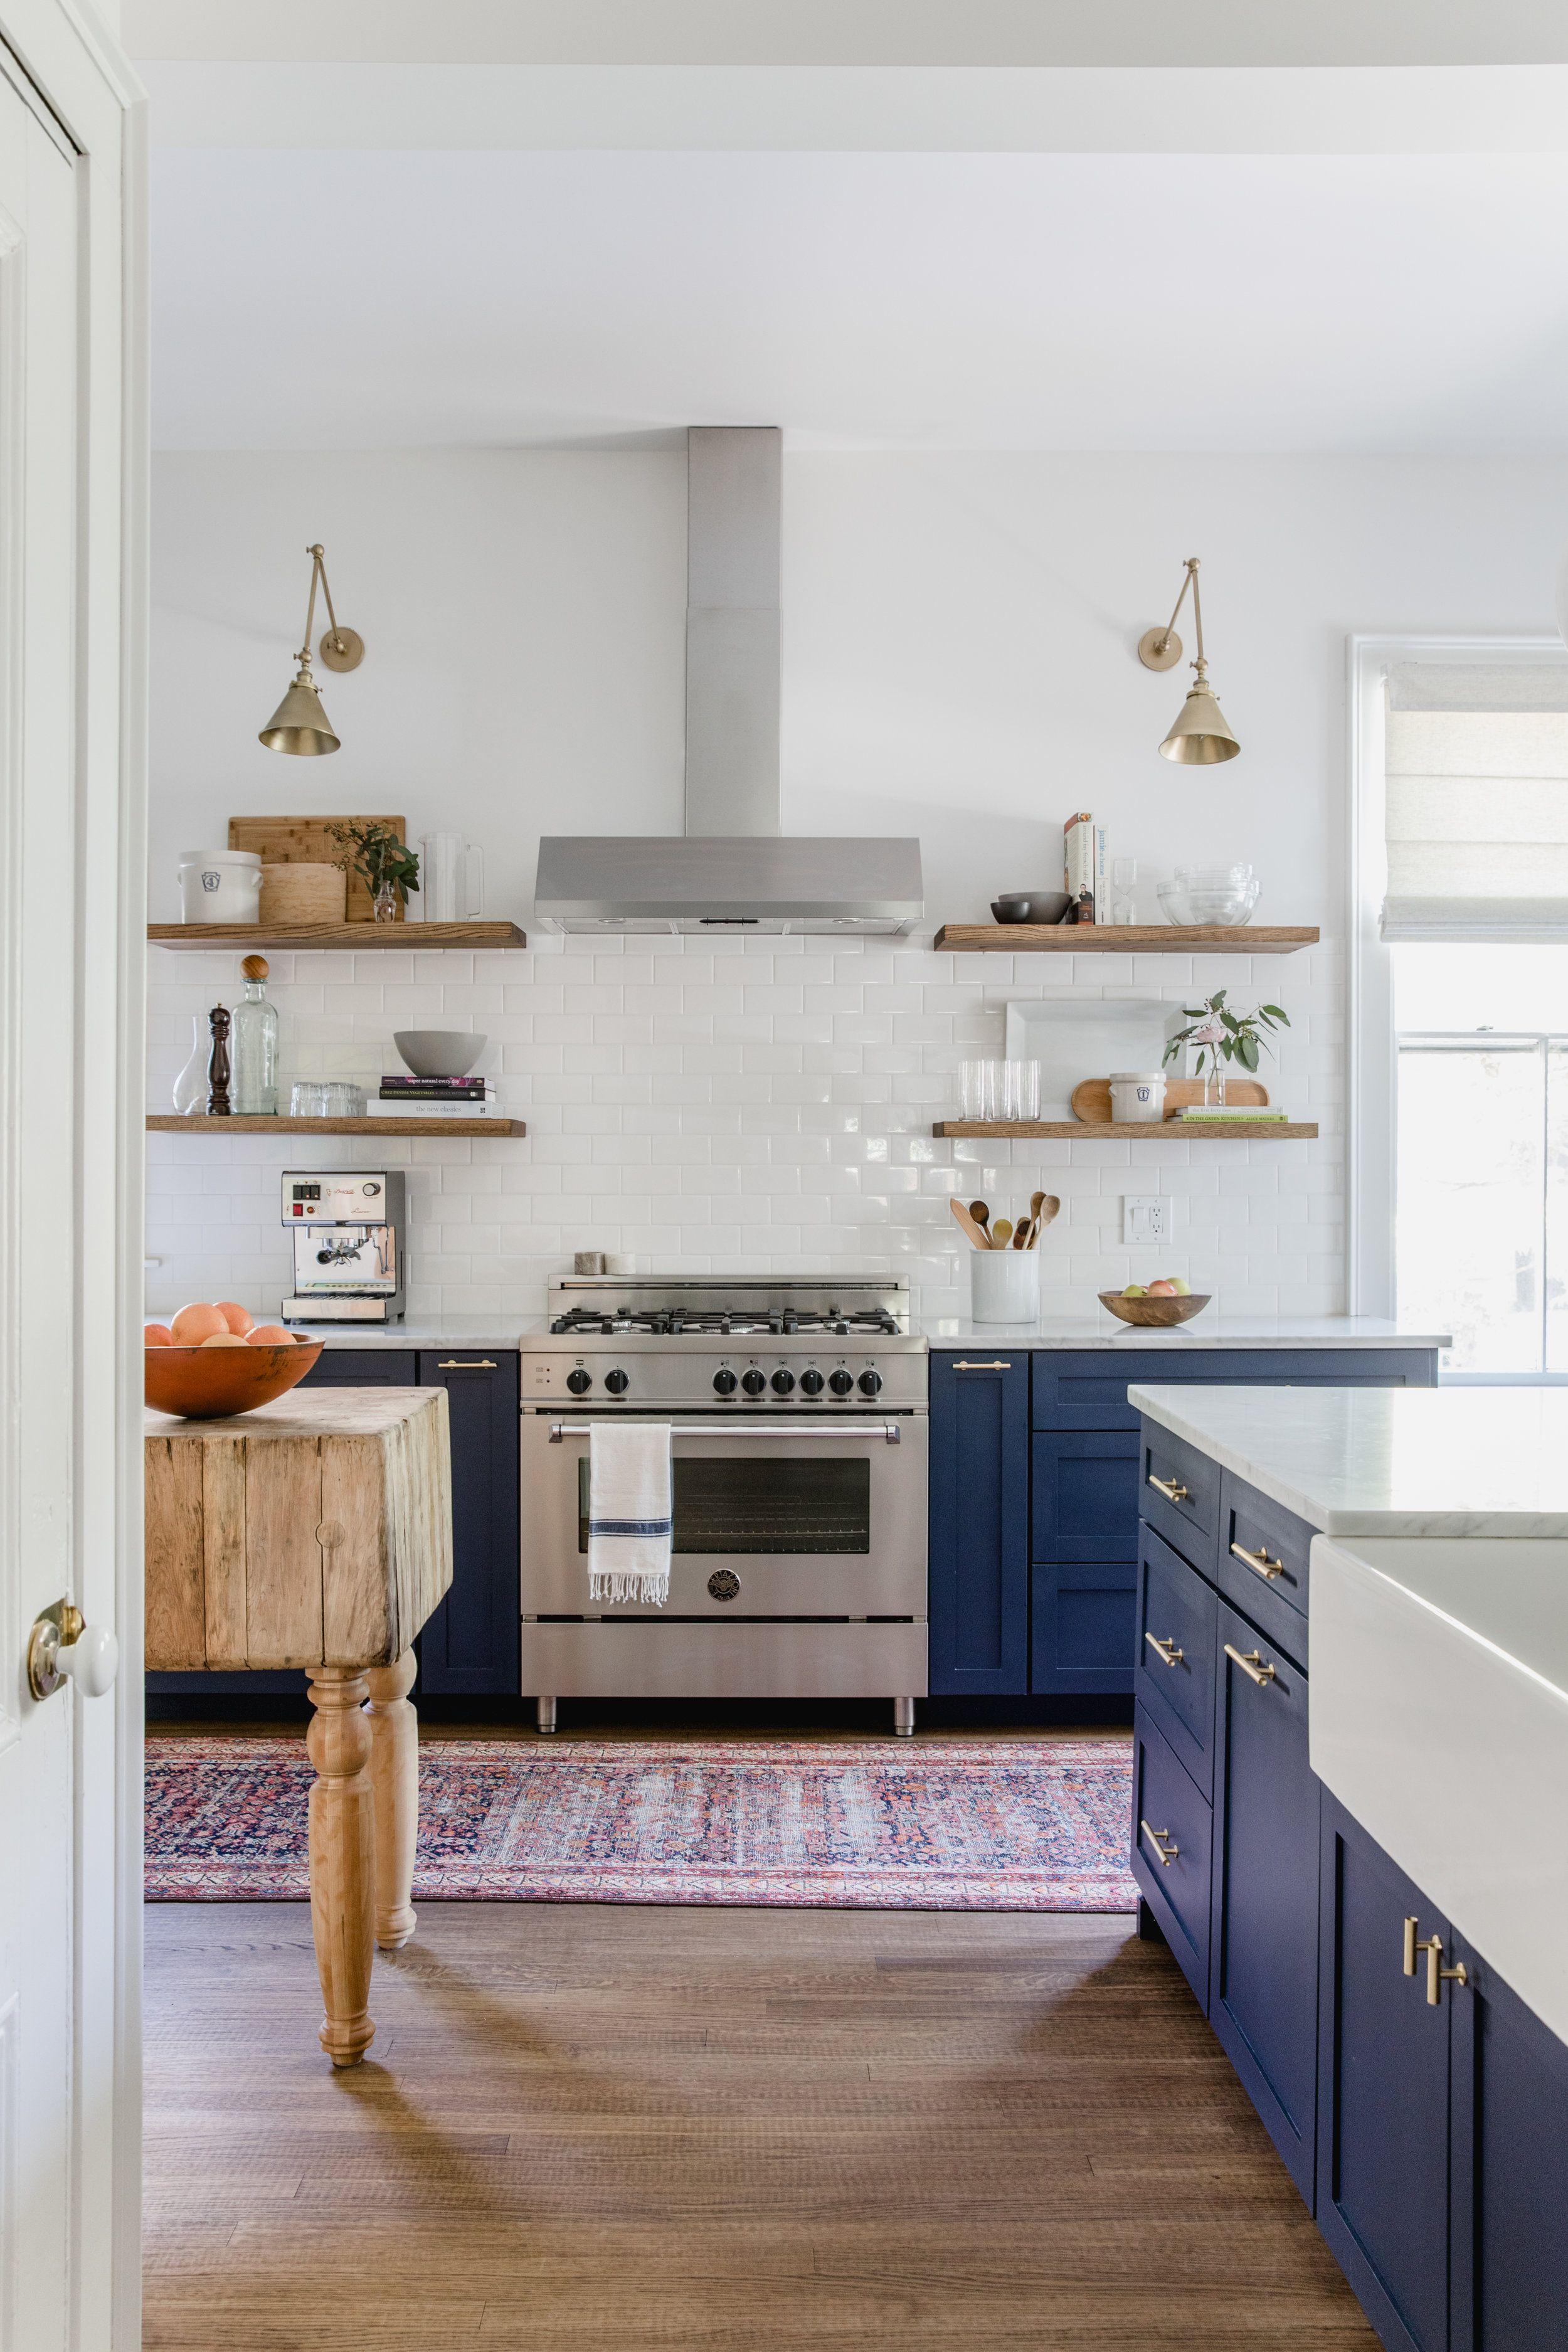 ERINLITTLE_HEIDIKITCHEN5430.jpg Interior design kitchen